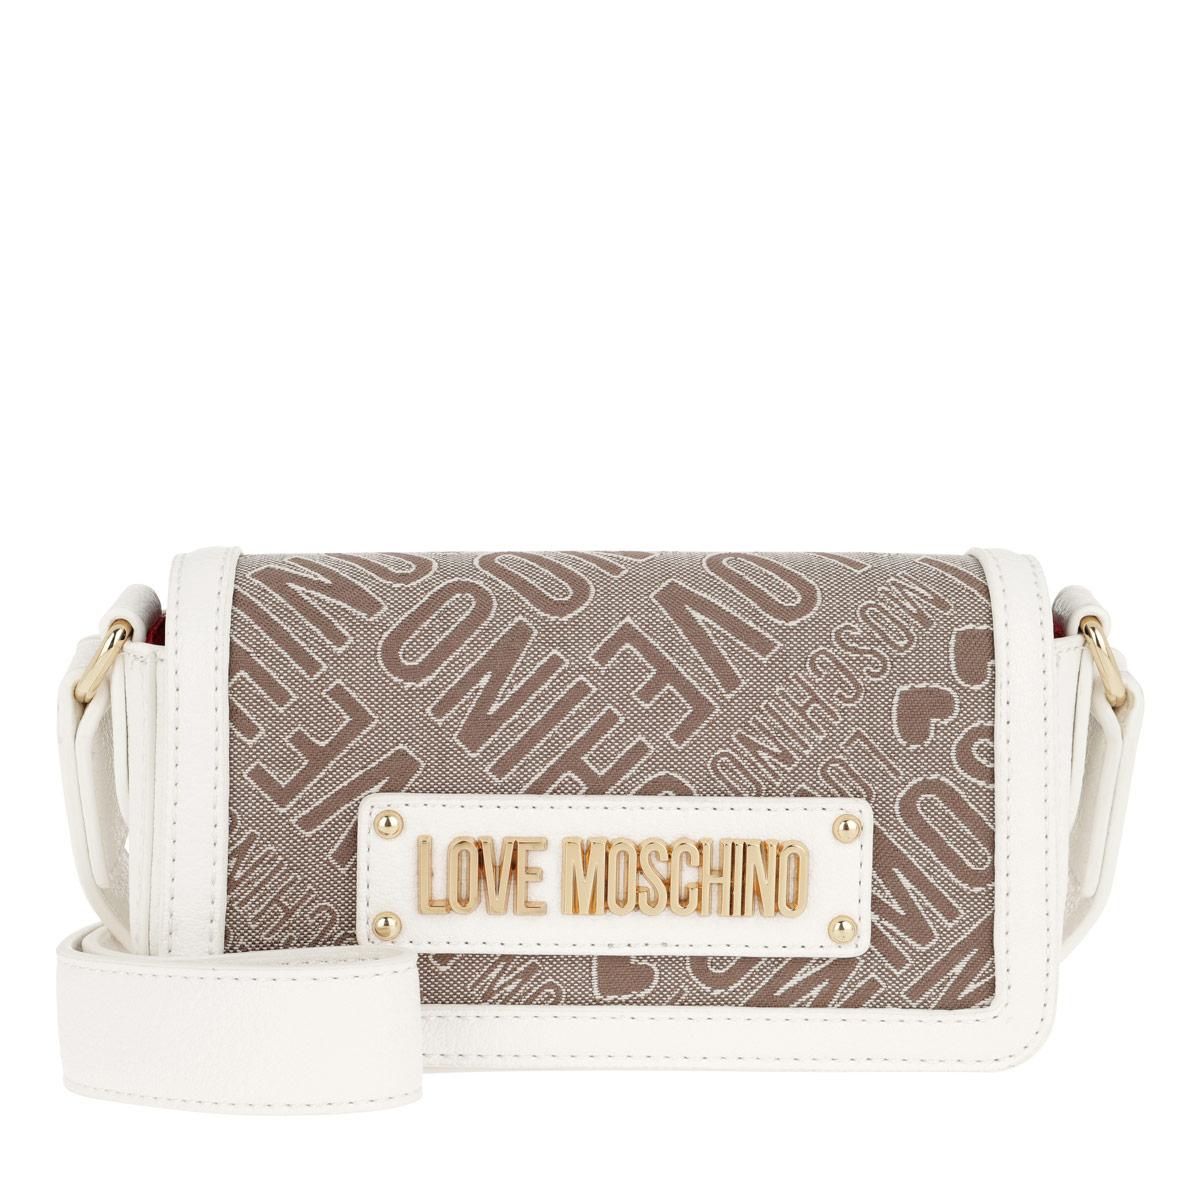 Love Moschino Umhängetasche - Jacquard Crossbody Bag Naturale/Bianco - in weiß - für Damen